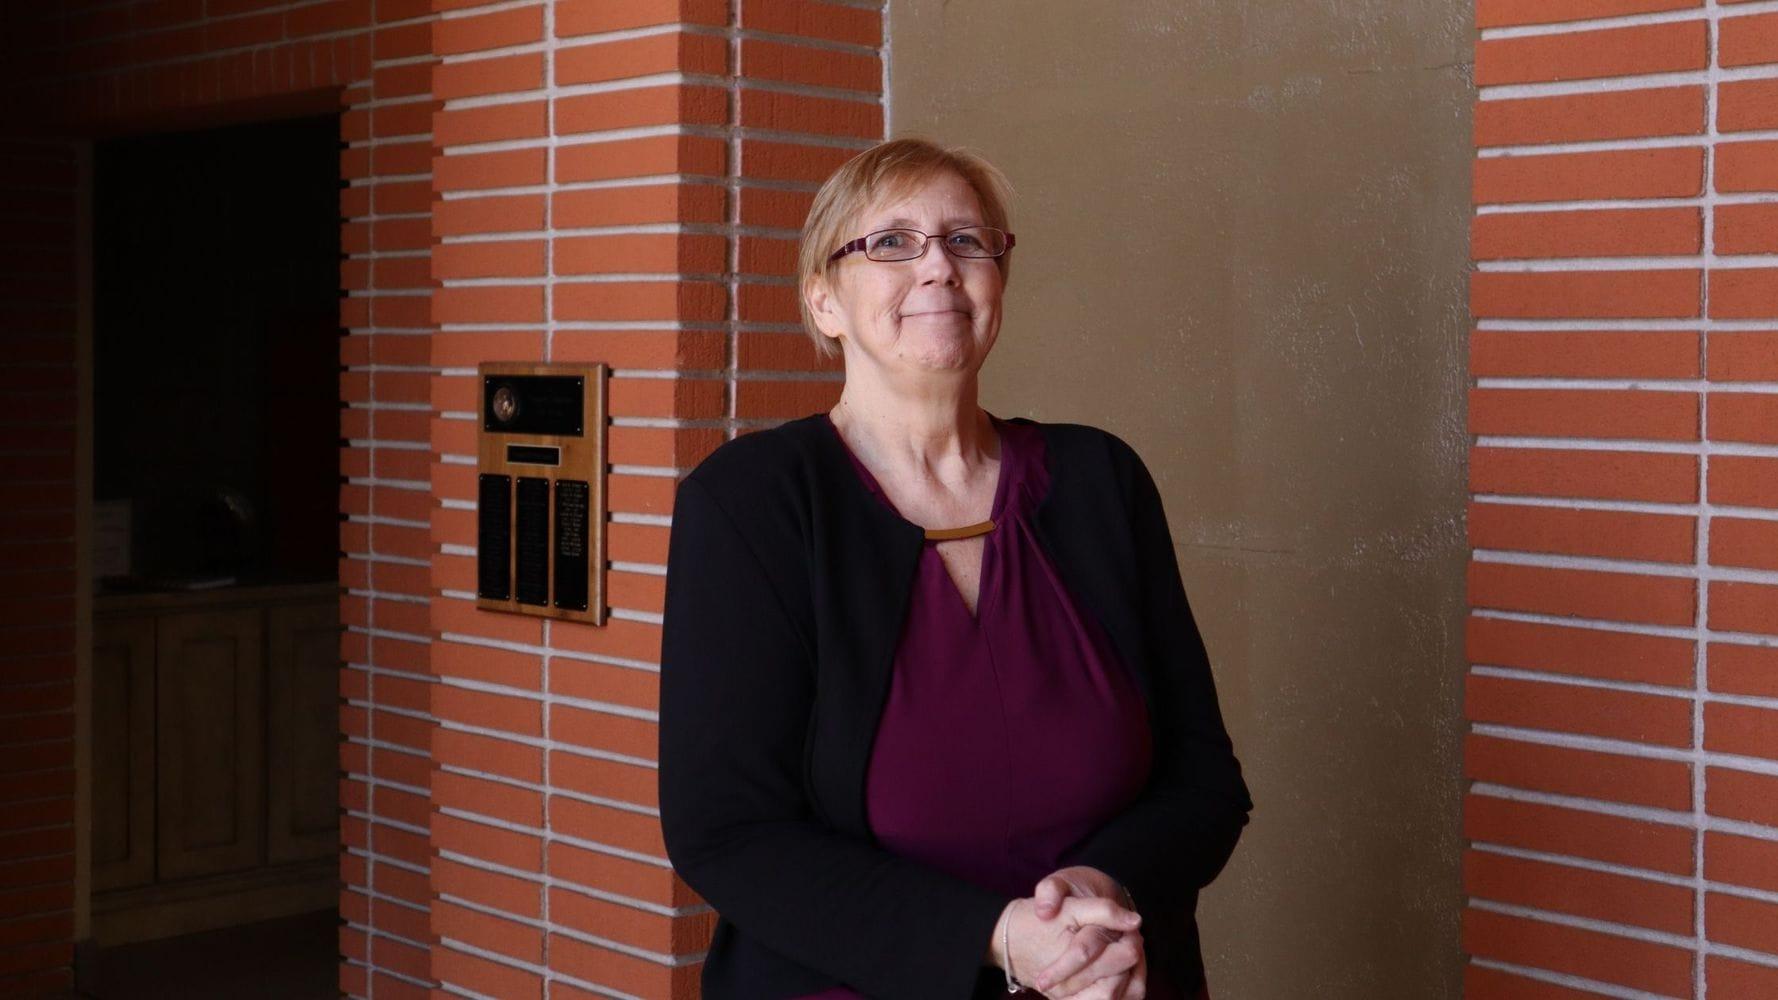 Reverend Becky MacLearn, Associate Pastor at Chandler Nazarene